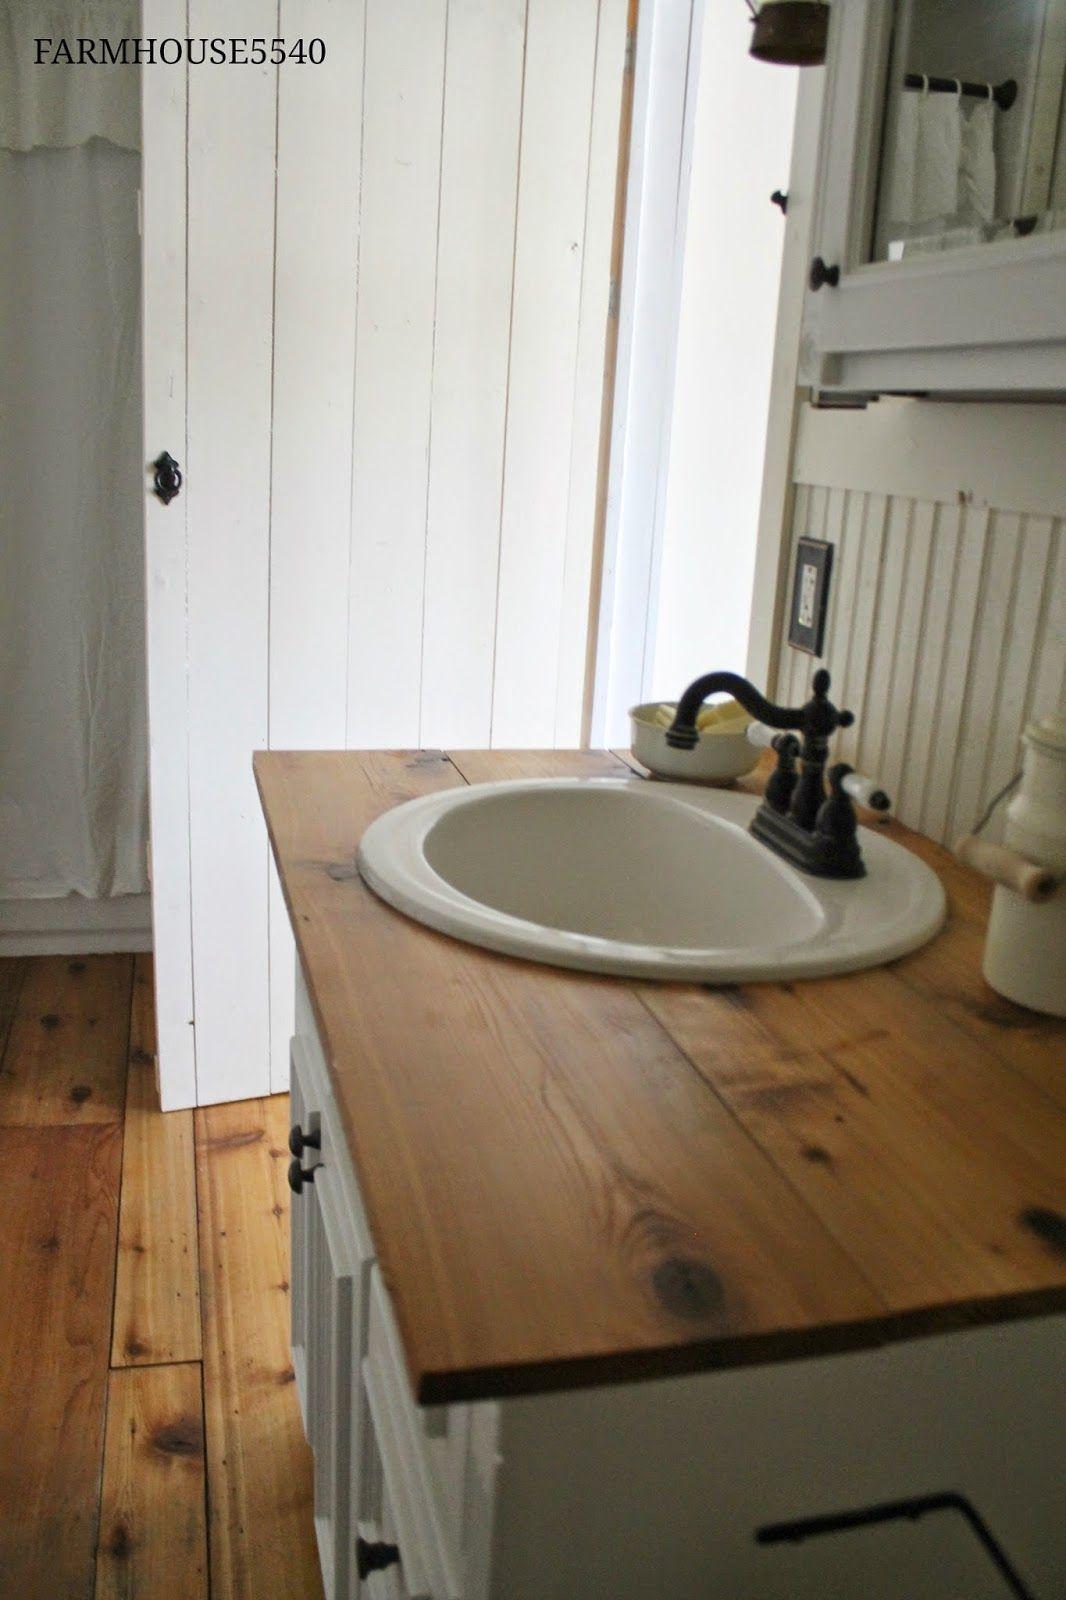 Farmhouse 5540 Farmhouse Bathroom Bathroom Vanity Decor Bathroom Vanity Remodel Farmhouse Bathroom Vanity